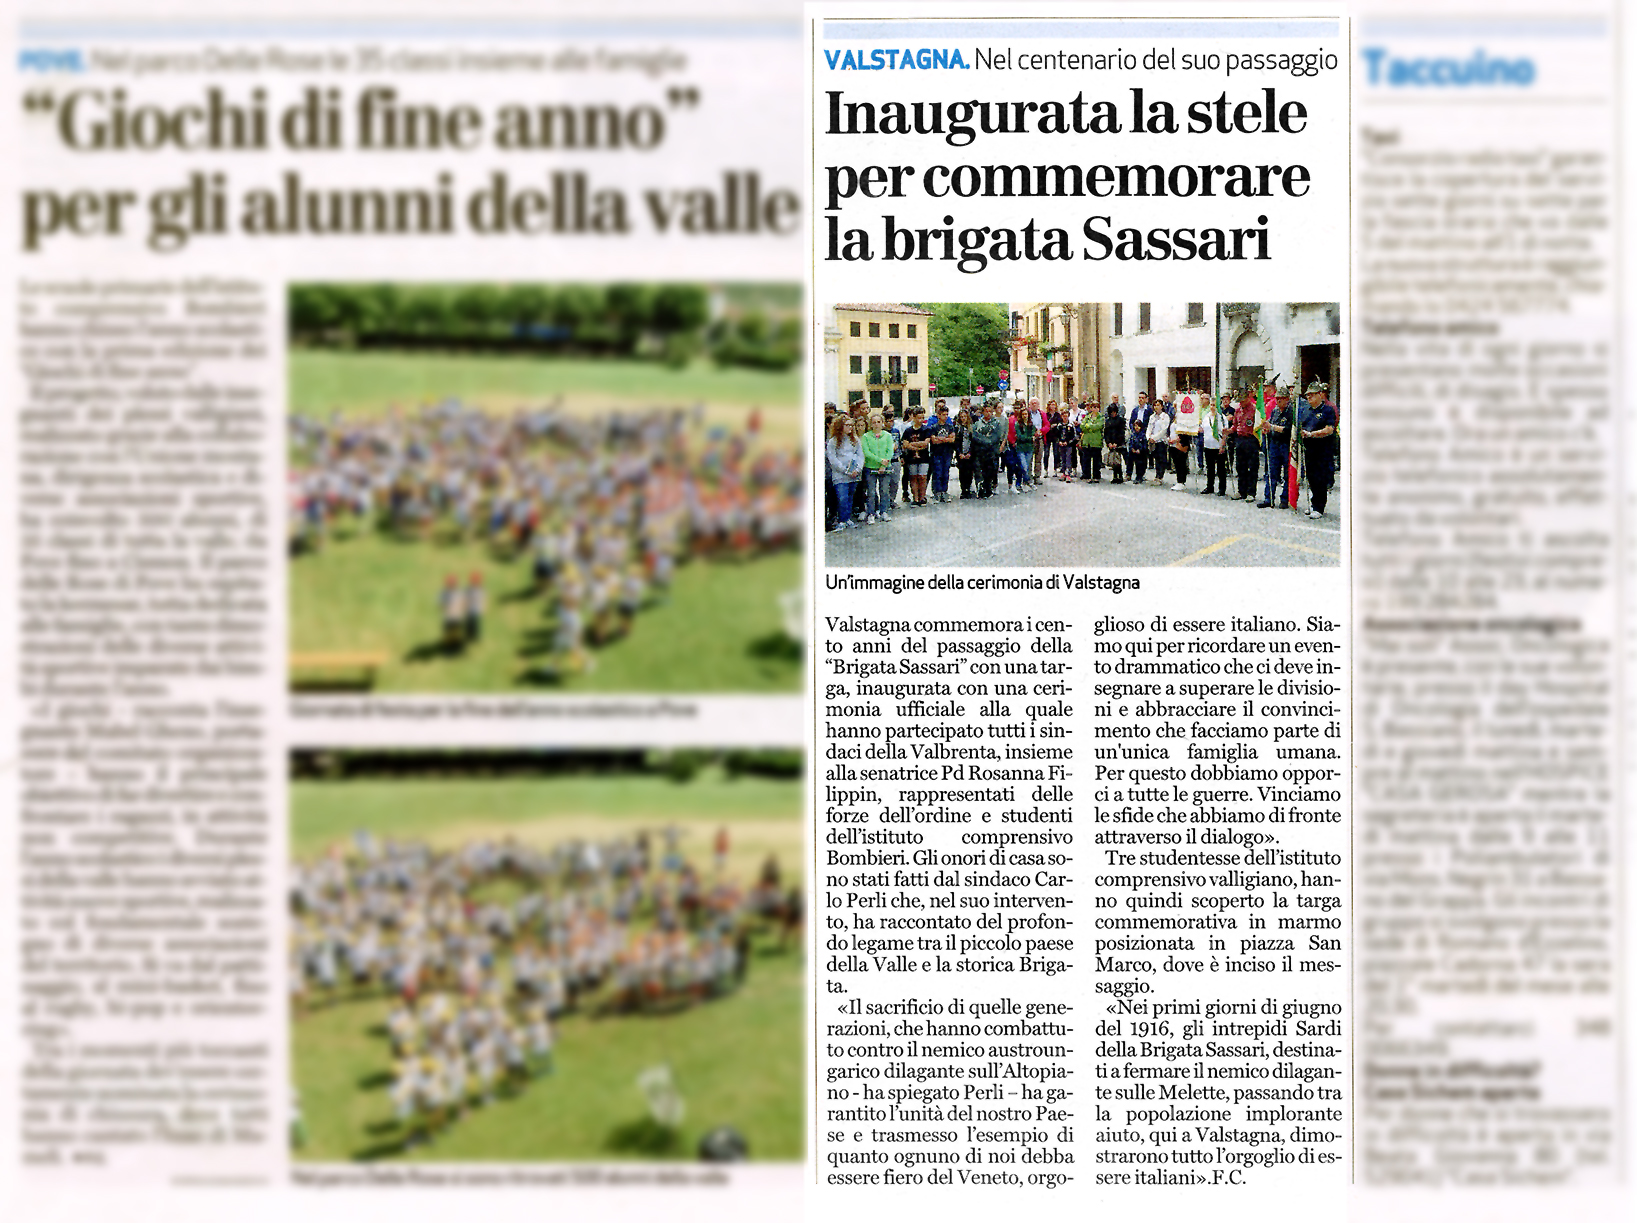 """Da """"Il Giornale di Vicenza"""" - giovedì 9 giugno 2016"""